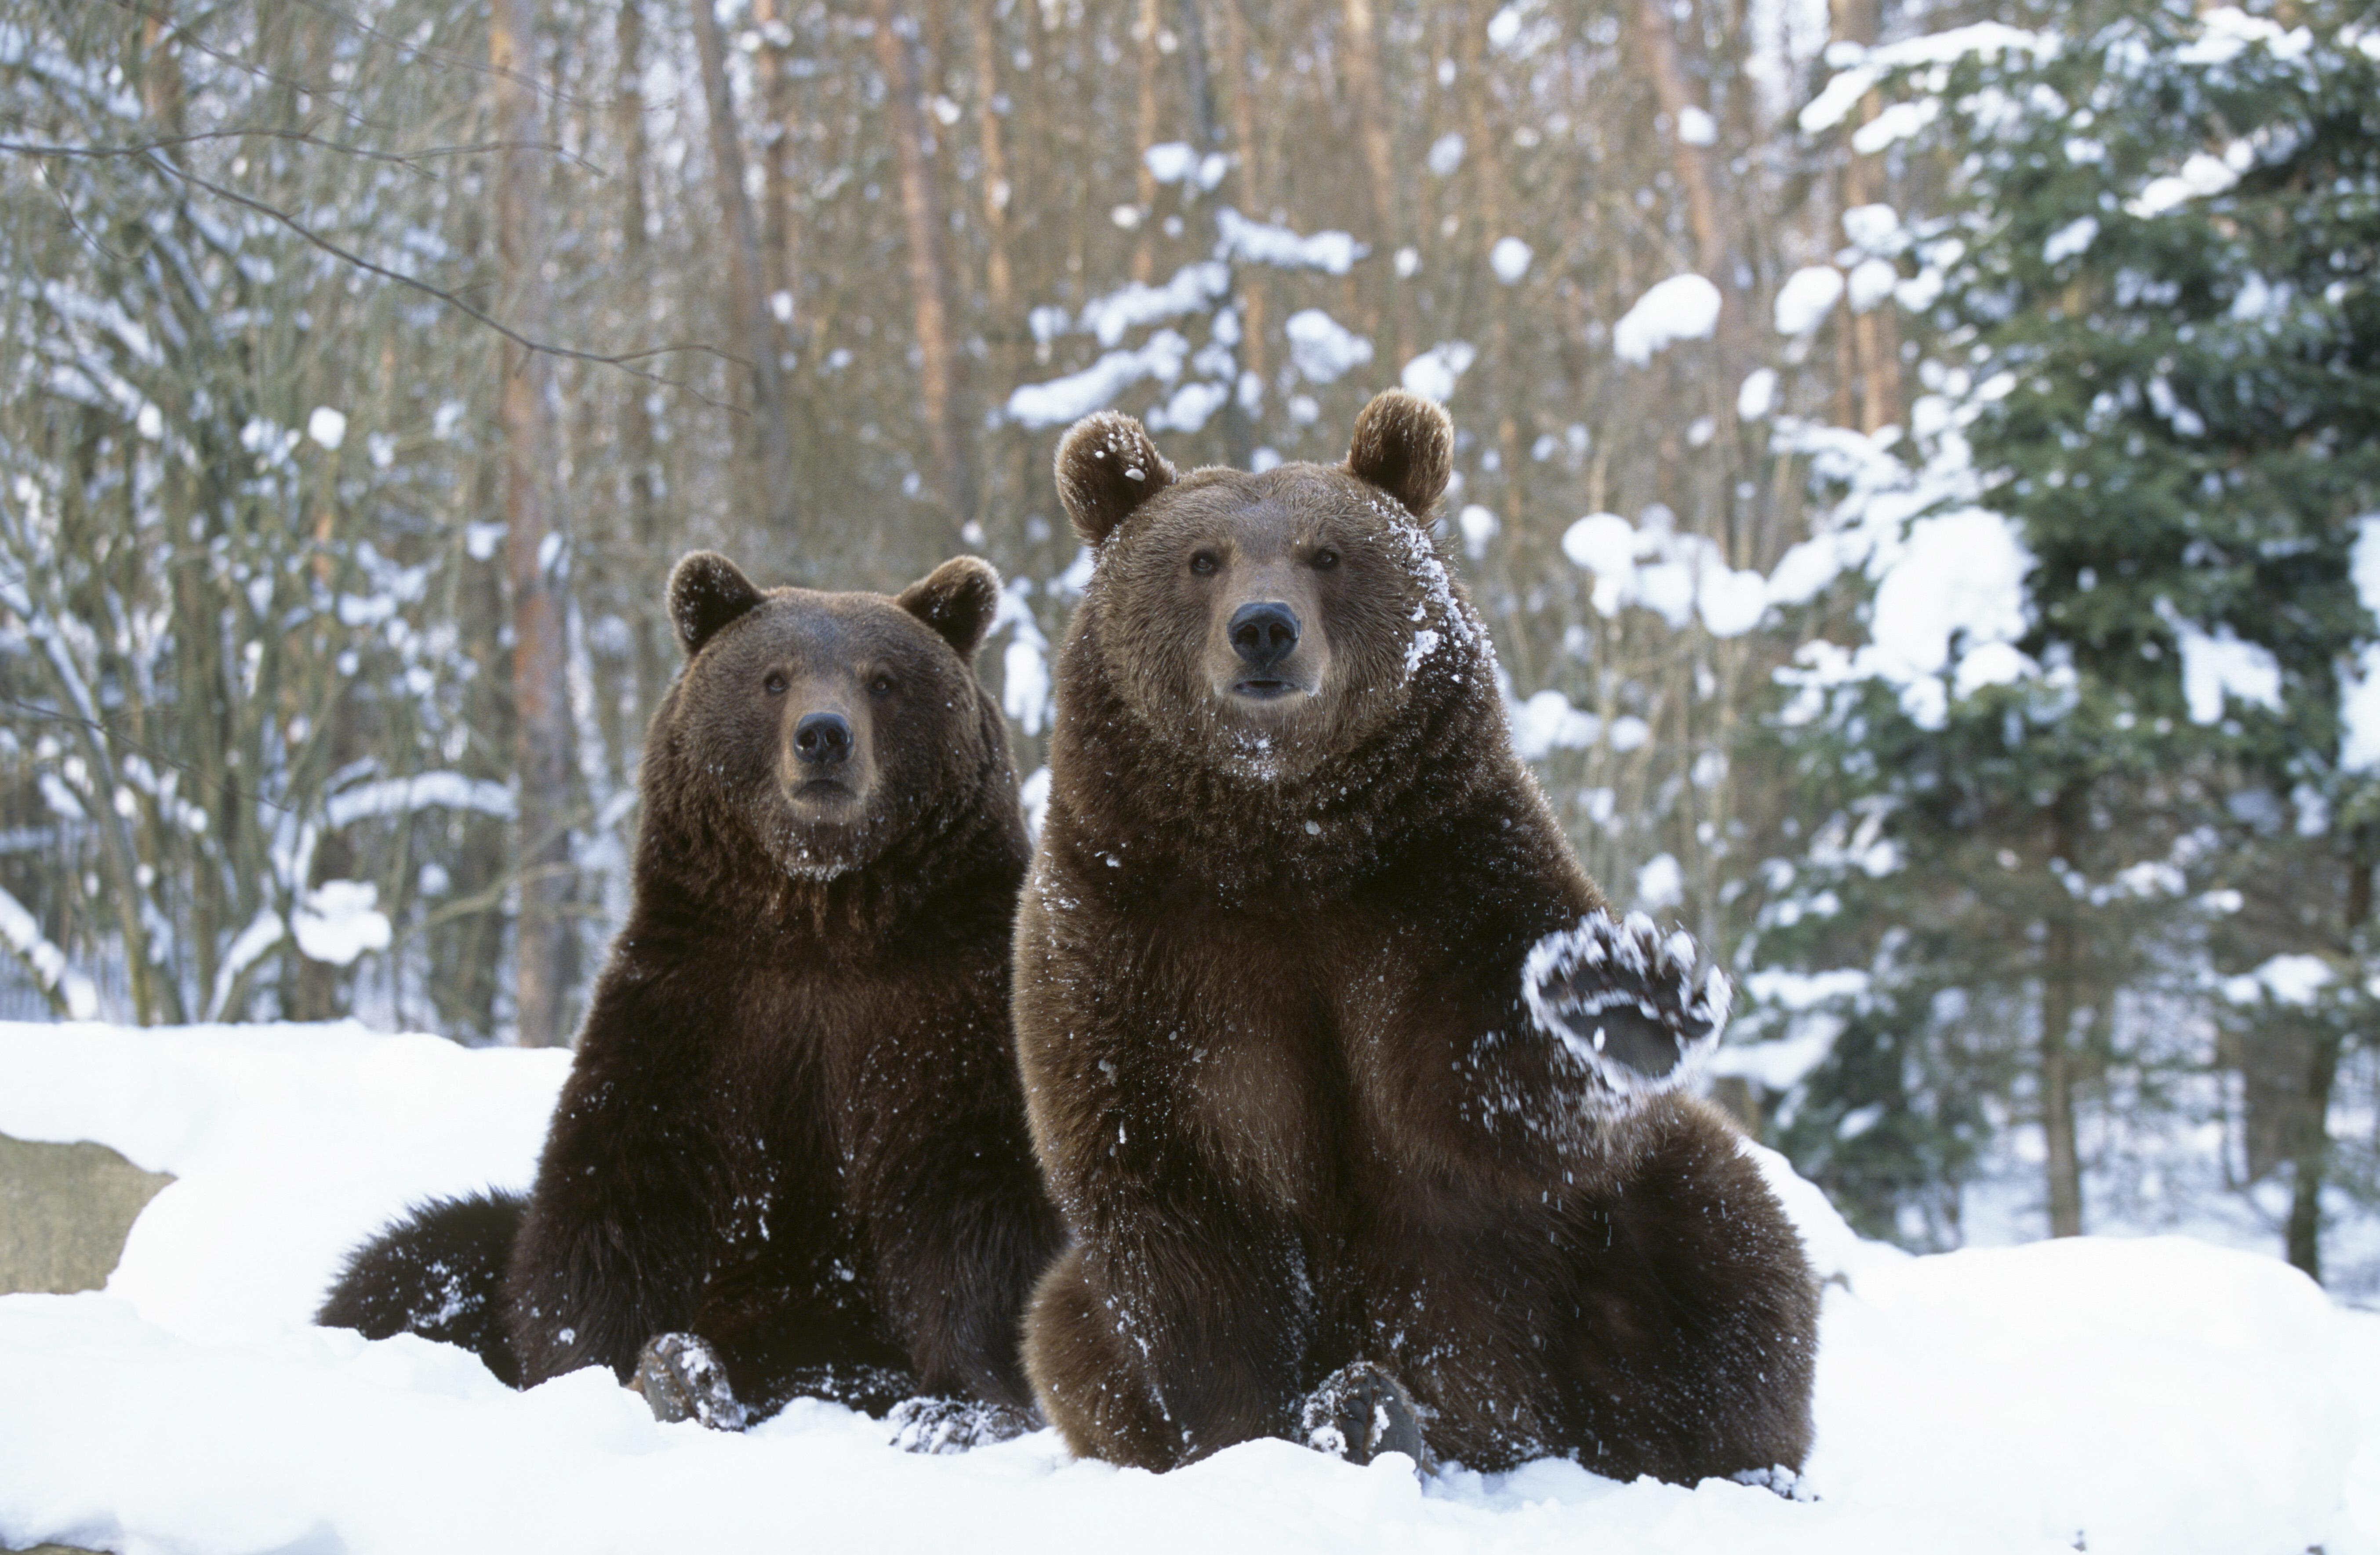 Улицама Сибира владају медведи и вечити лед, и зато је то најопаснији део света. Да ли је то стварност или мит?